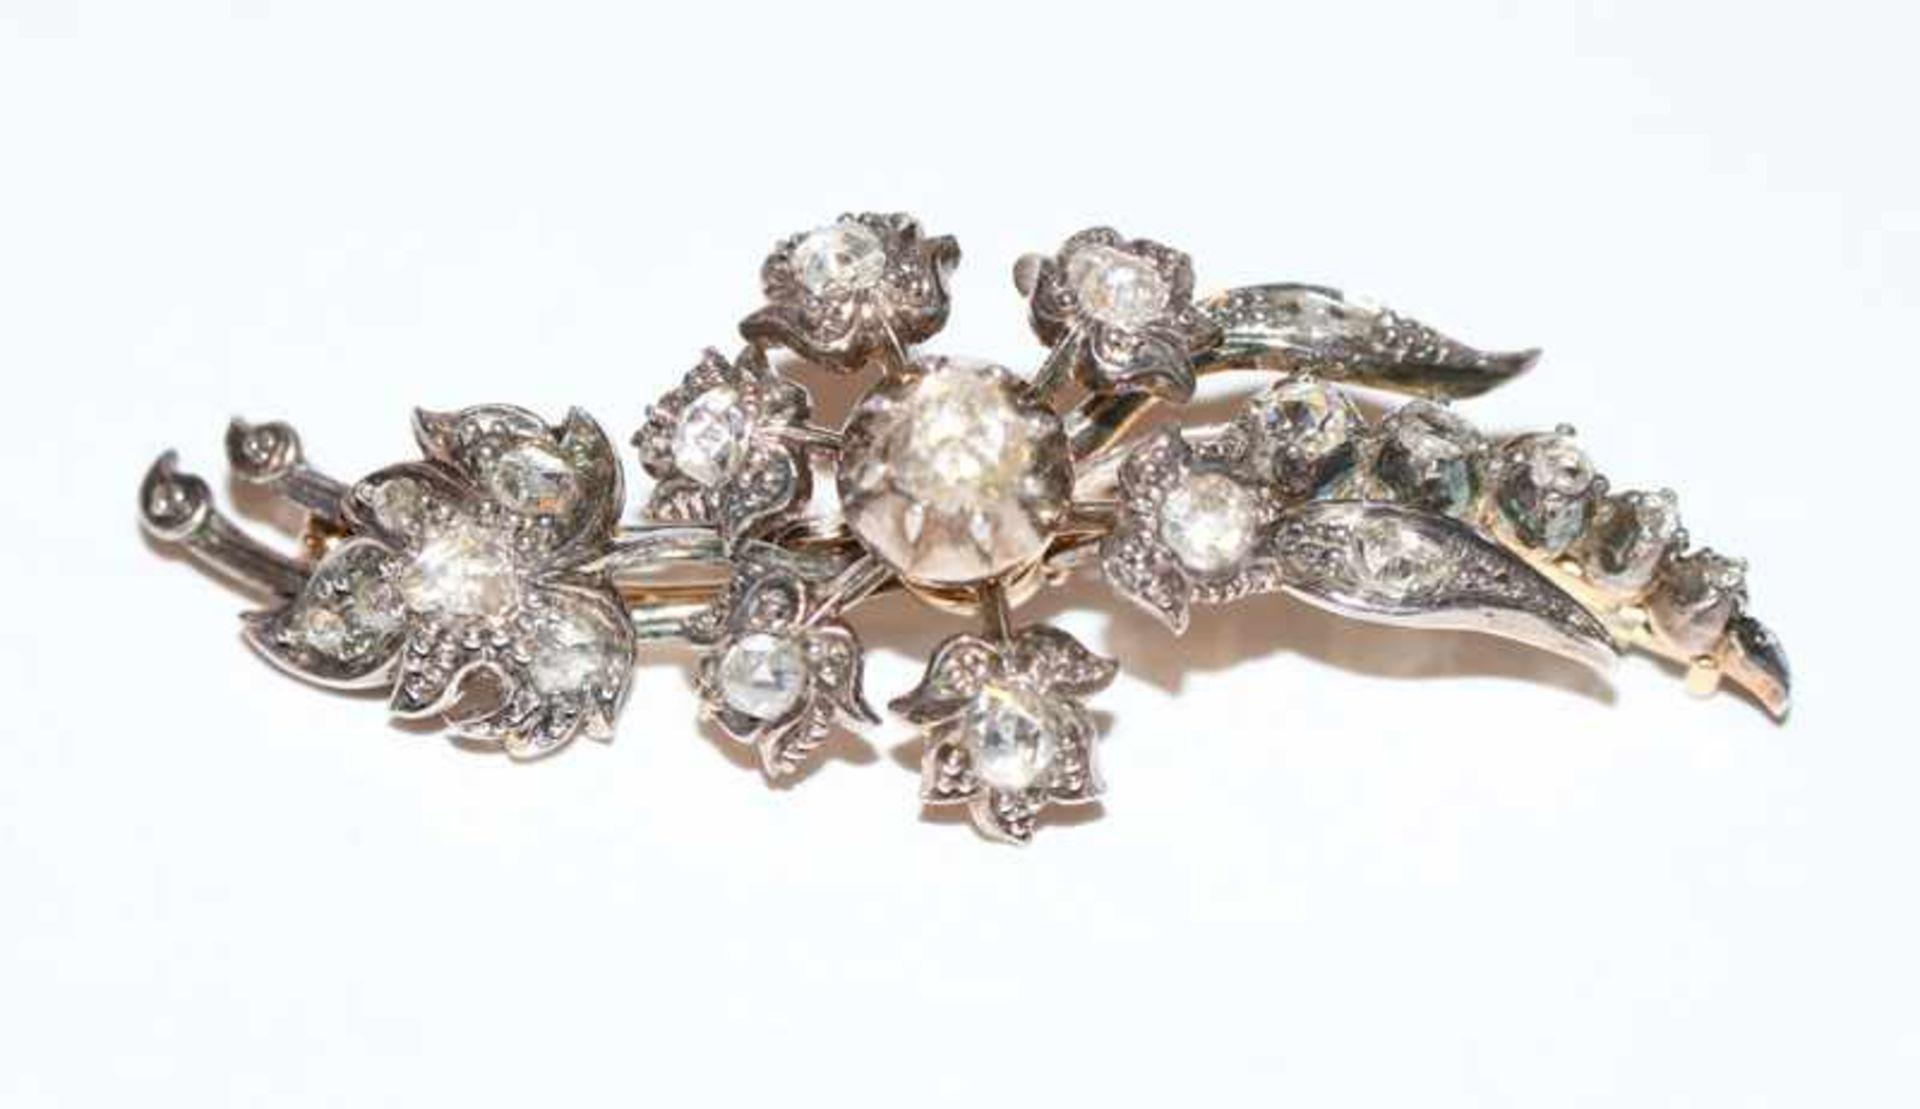 Dekorative 14 k Gelbgold/Silber Brosche in Blumenform mit Rosendiamanten, zus. 1,4 ct. um 1900, B